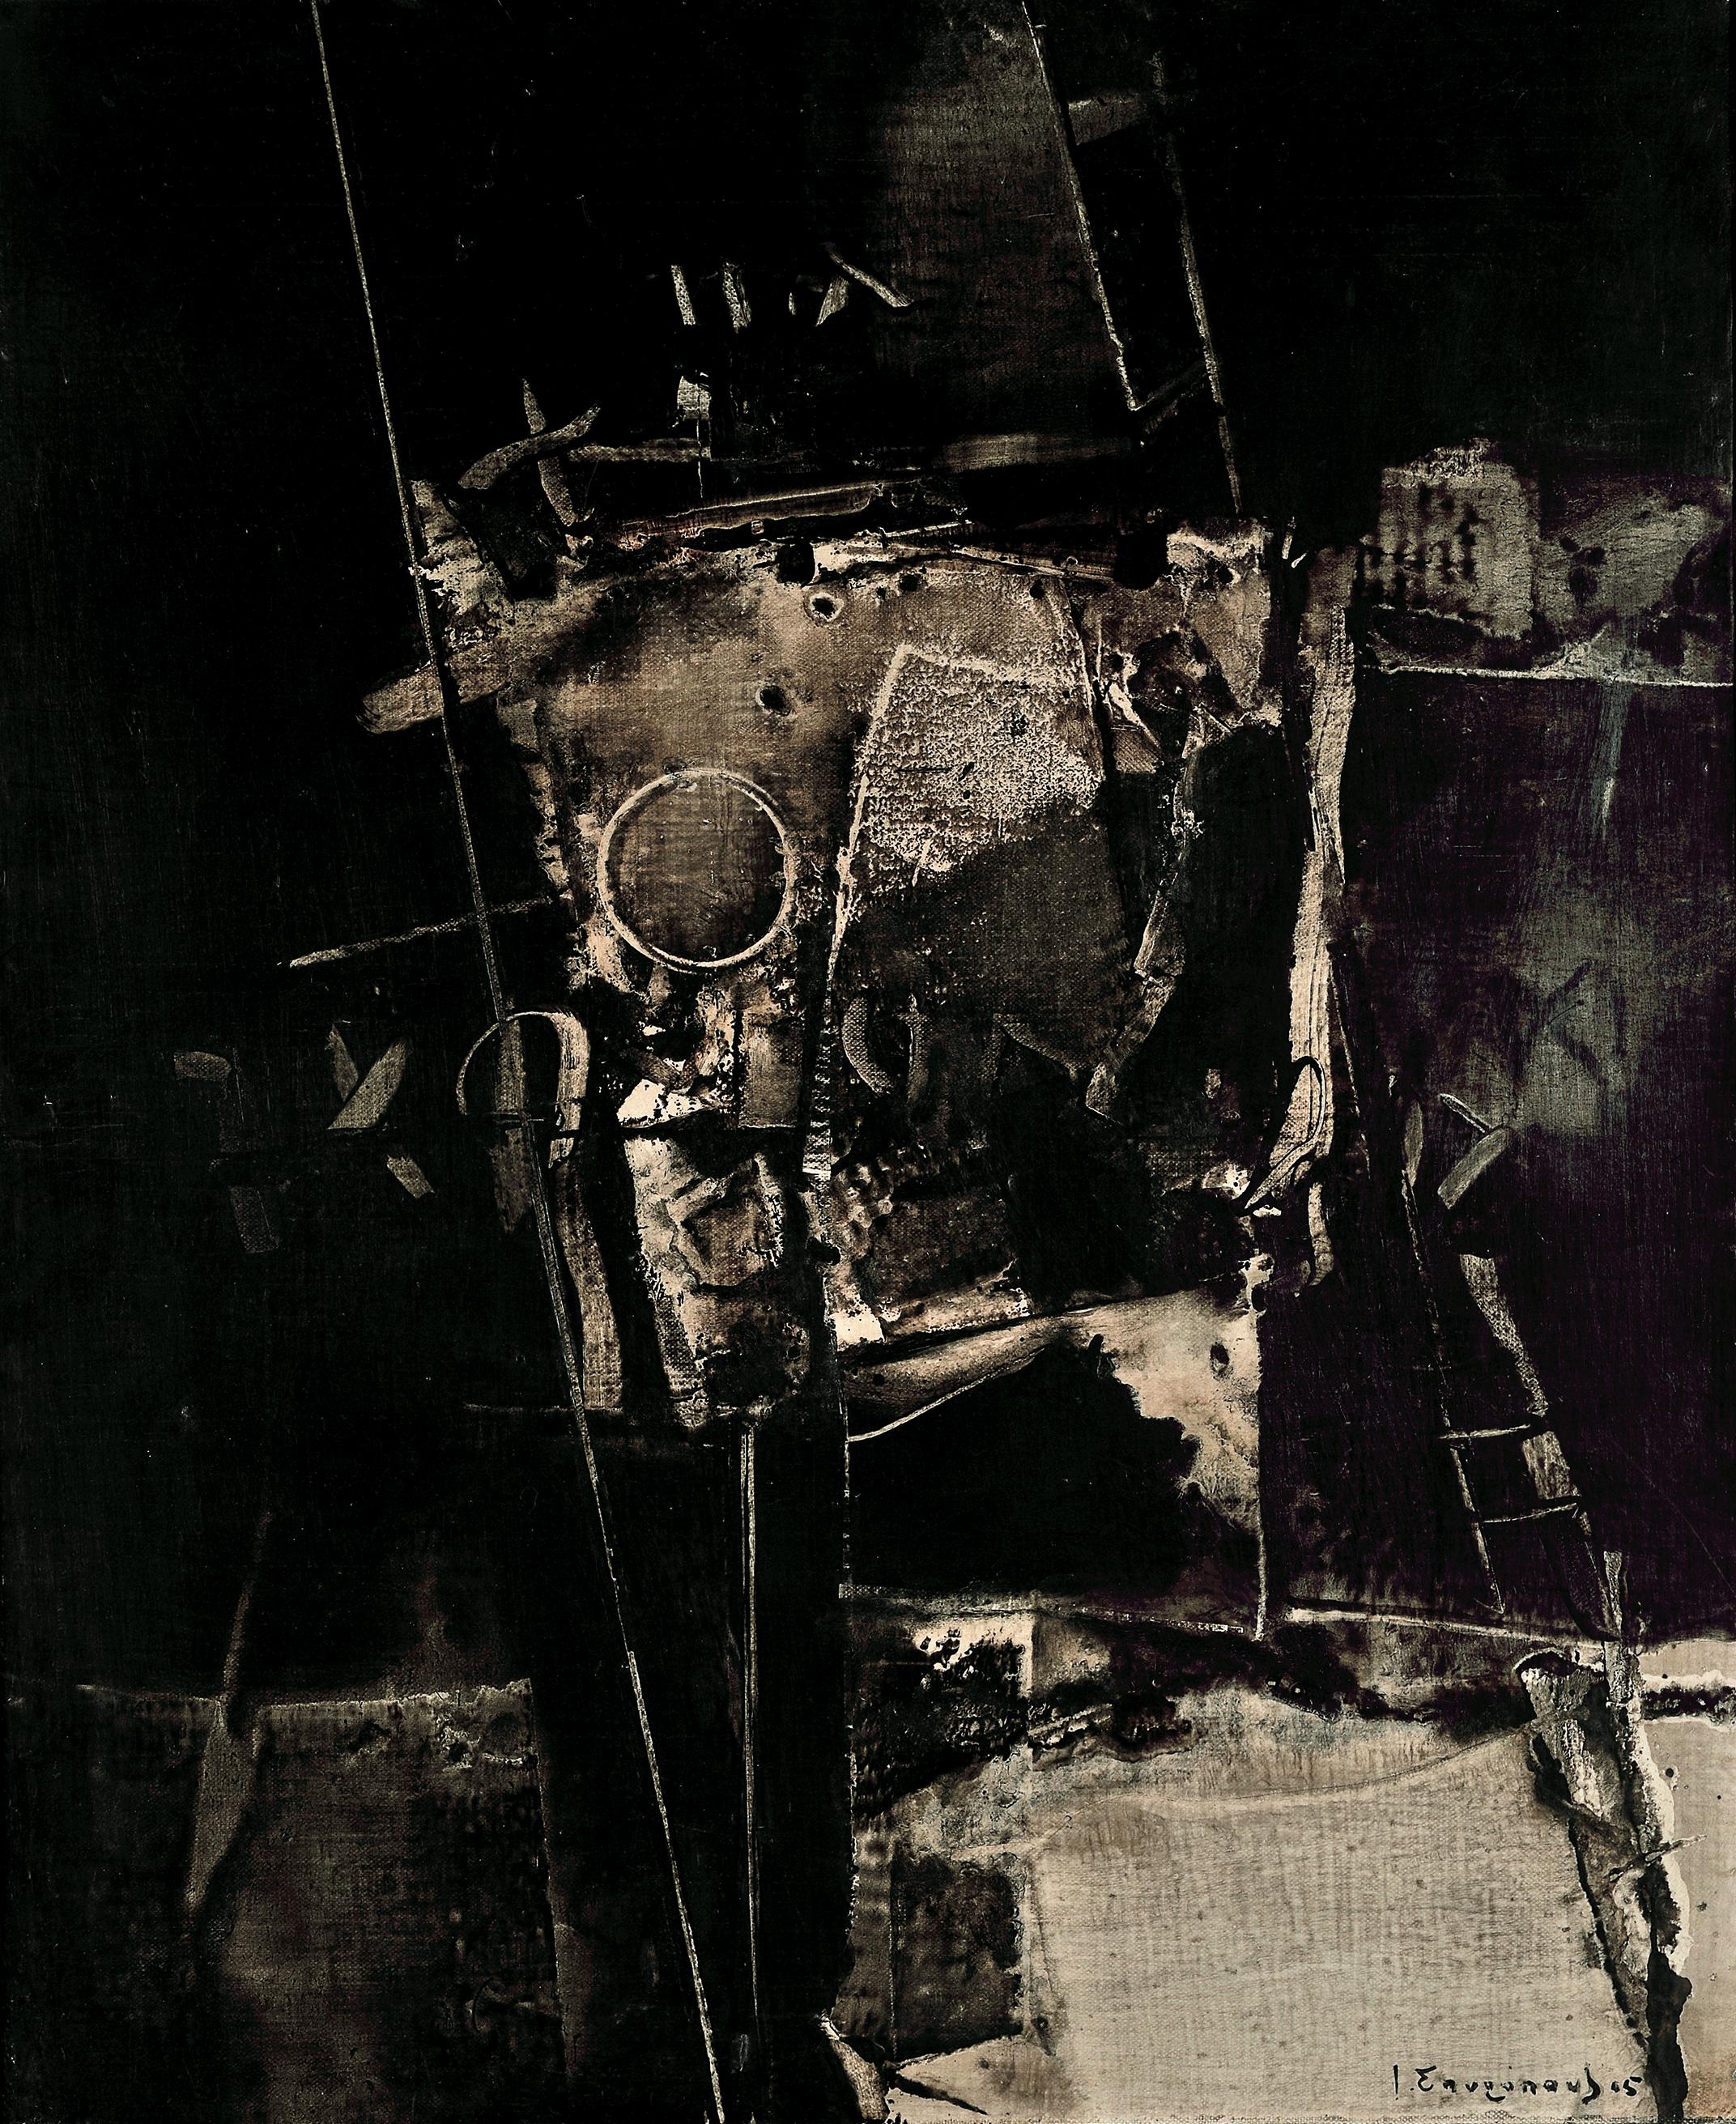 Γιάννης Σπυρόπουλος (1912-1990) Ό,τι απέμεινε, 1973 Λάδι σε μουσαμά, 65 x 54 εκ. Δωρεά Υπουργείου Πολιτισμού και Επιστημών αρ. έργου 4385 Εθνική Πινακοθήκη – Μουσείο Αλεξάνδρου Σούτζου